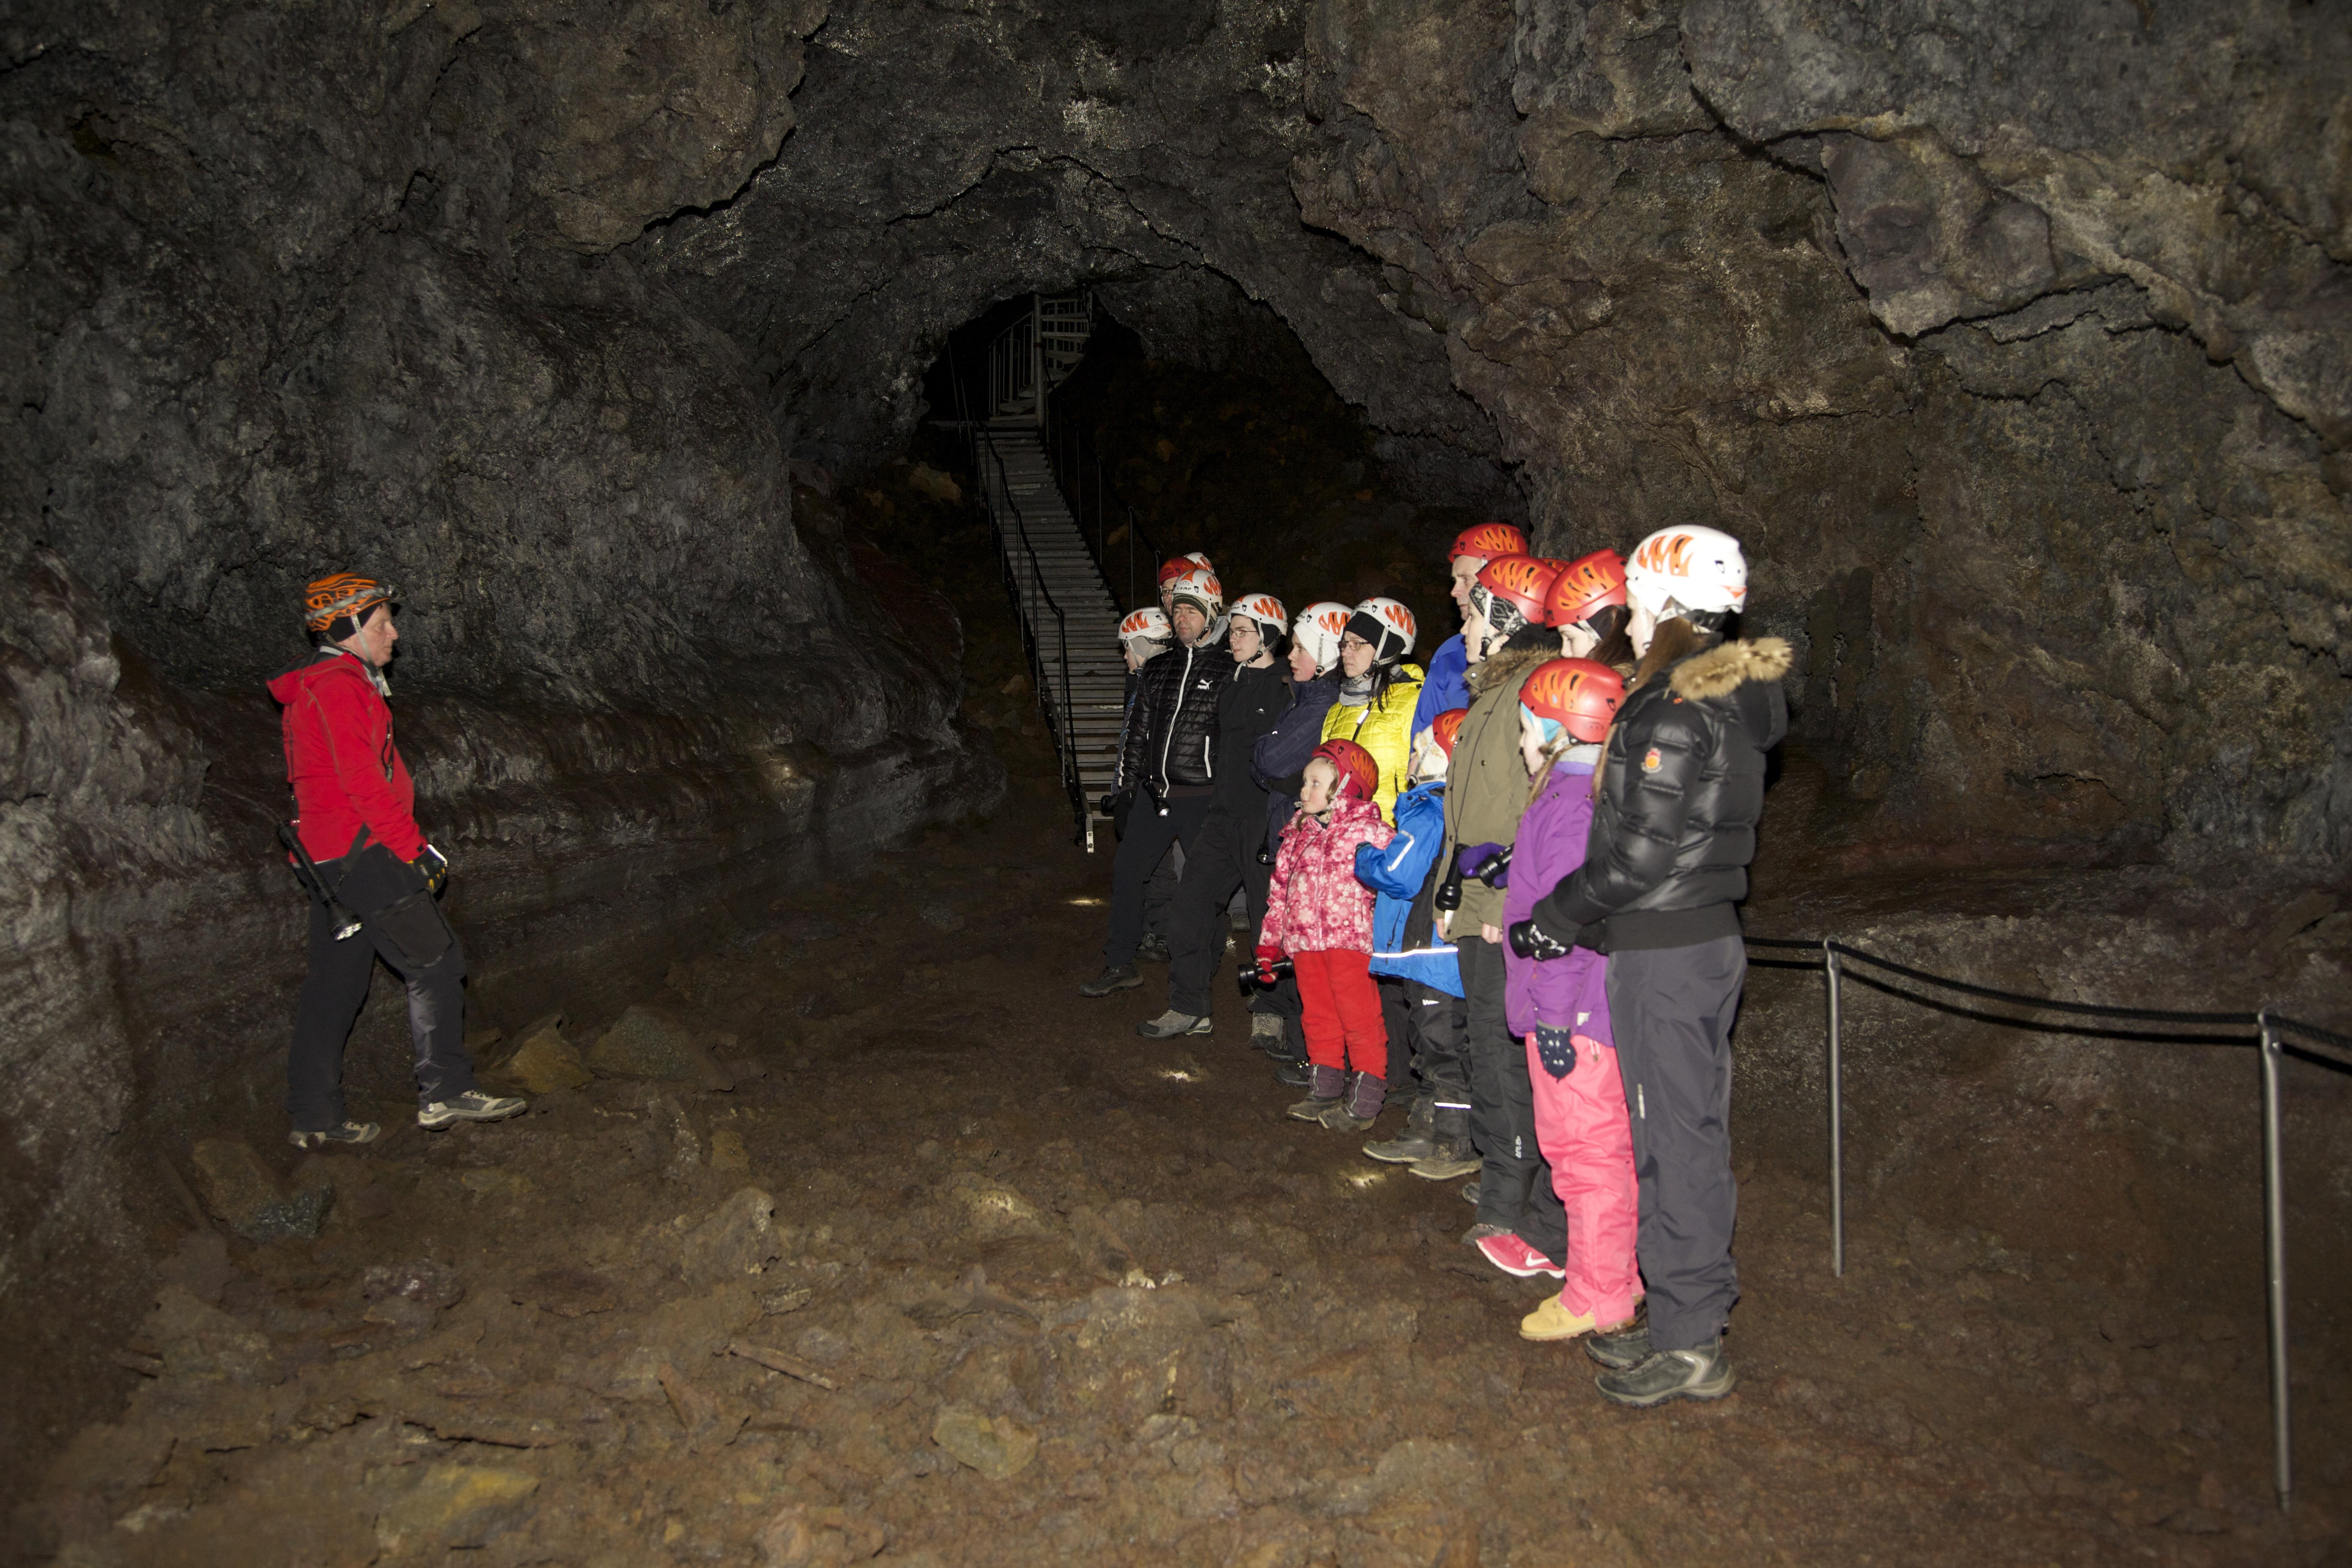 スナイフェルスネス半島にあるヴァッツヘトリル洞窟は8000年前の火山噴火にできた溶岩洞窟